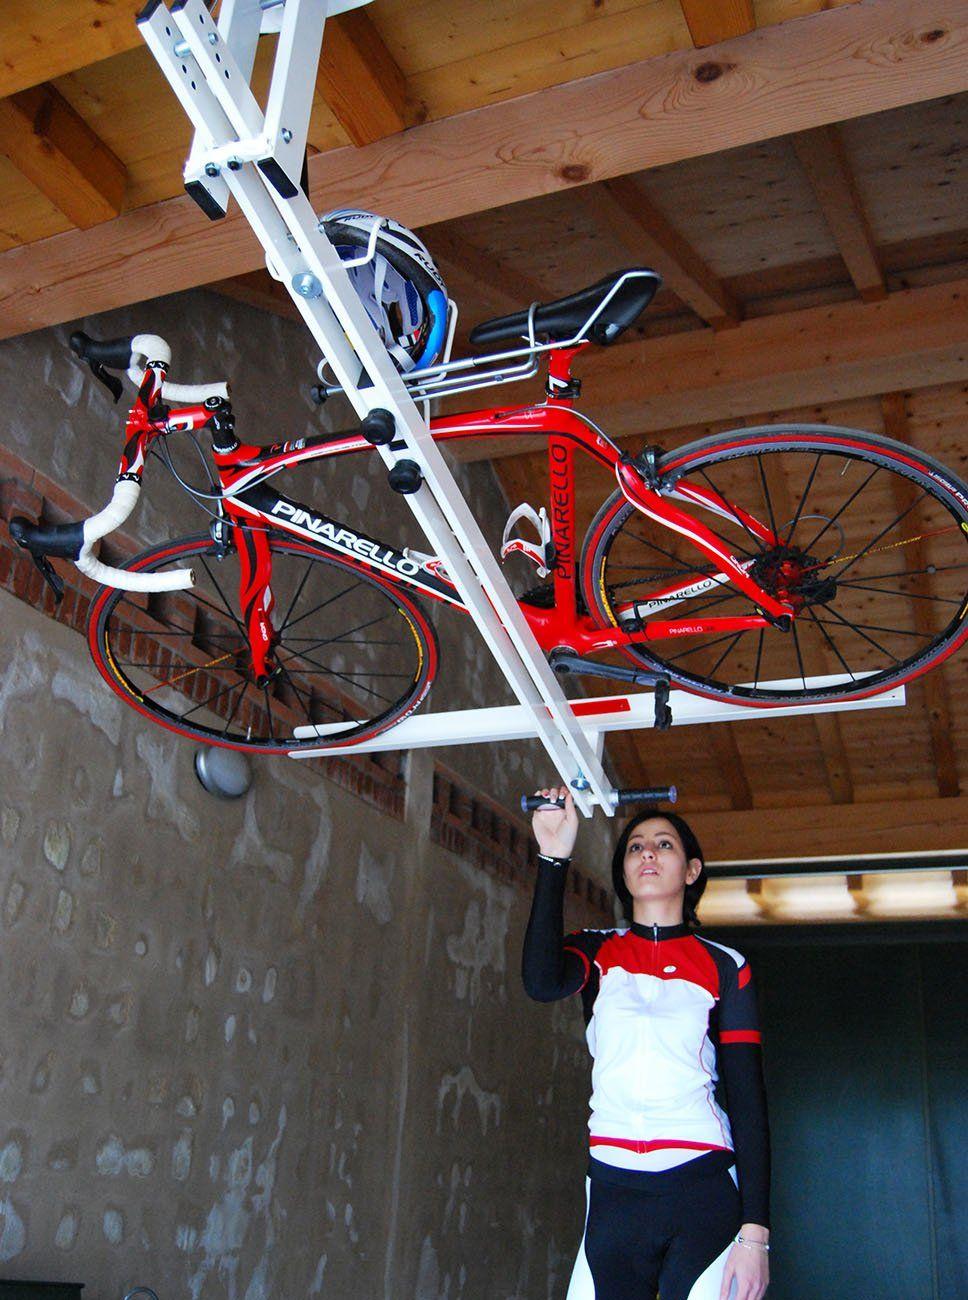 Ceiling Overhead Bike Rack for Mountain Bike, Trekking